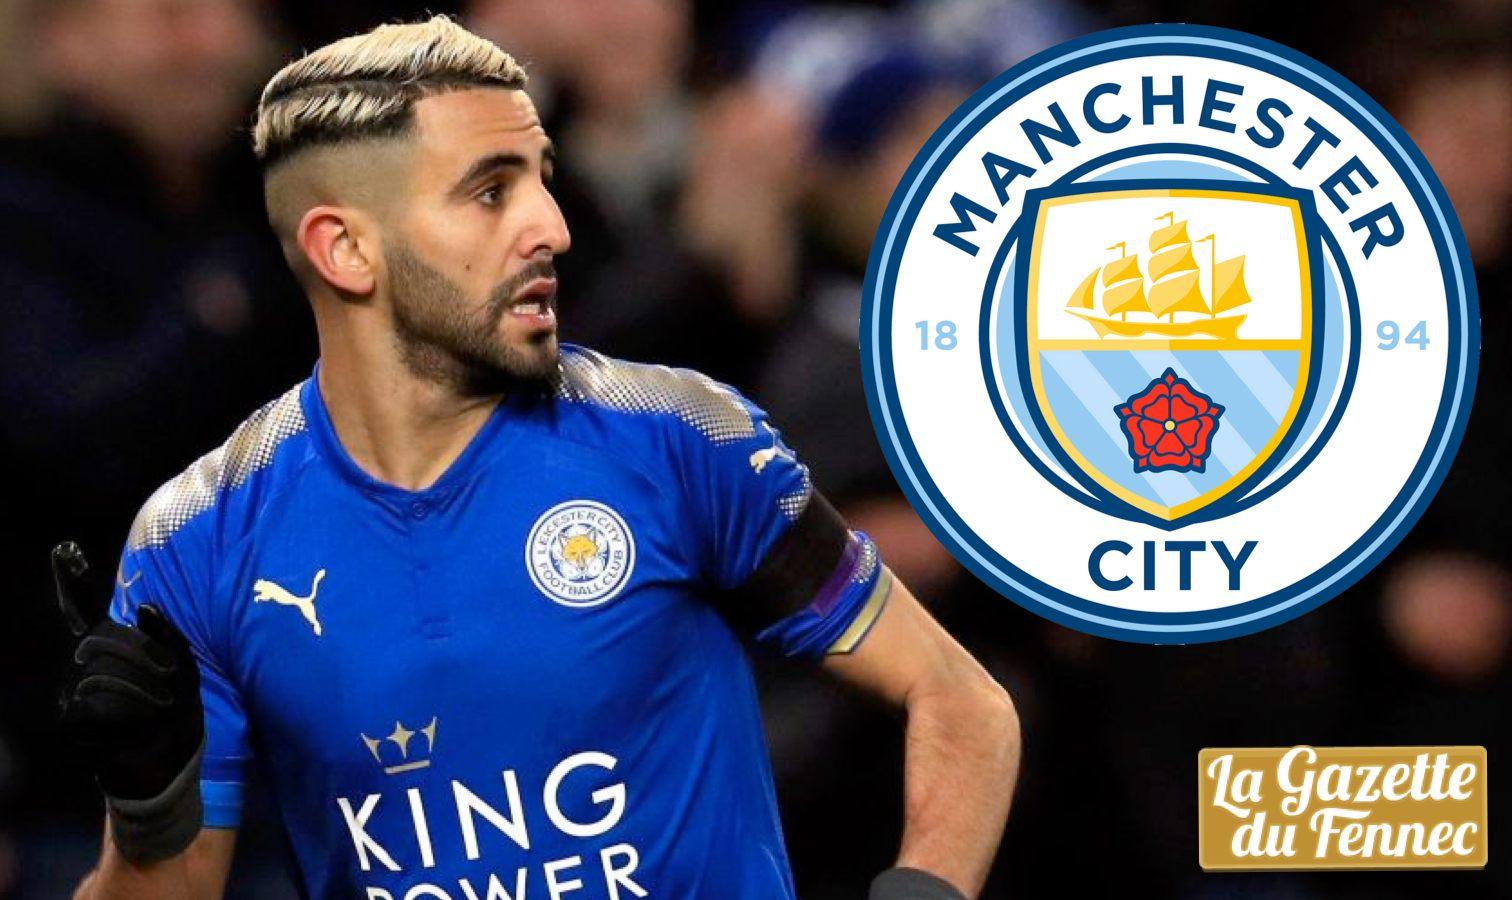 Mercato : Manchester City offre 68 millions d'euros à Leicester pour Riyad Mahrez